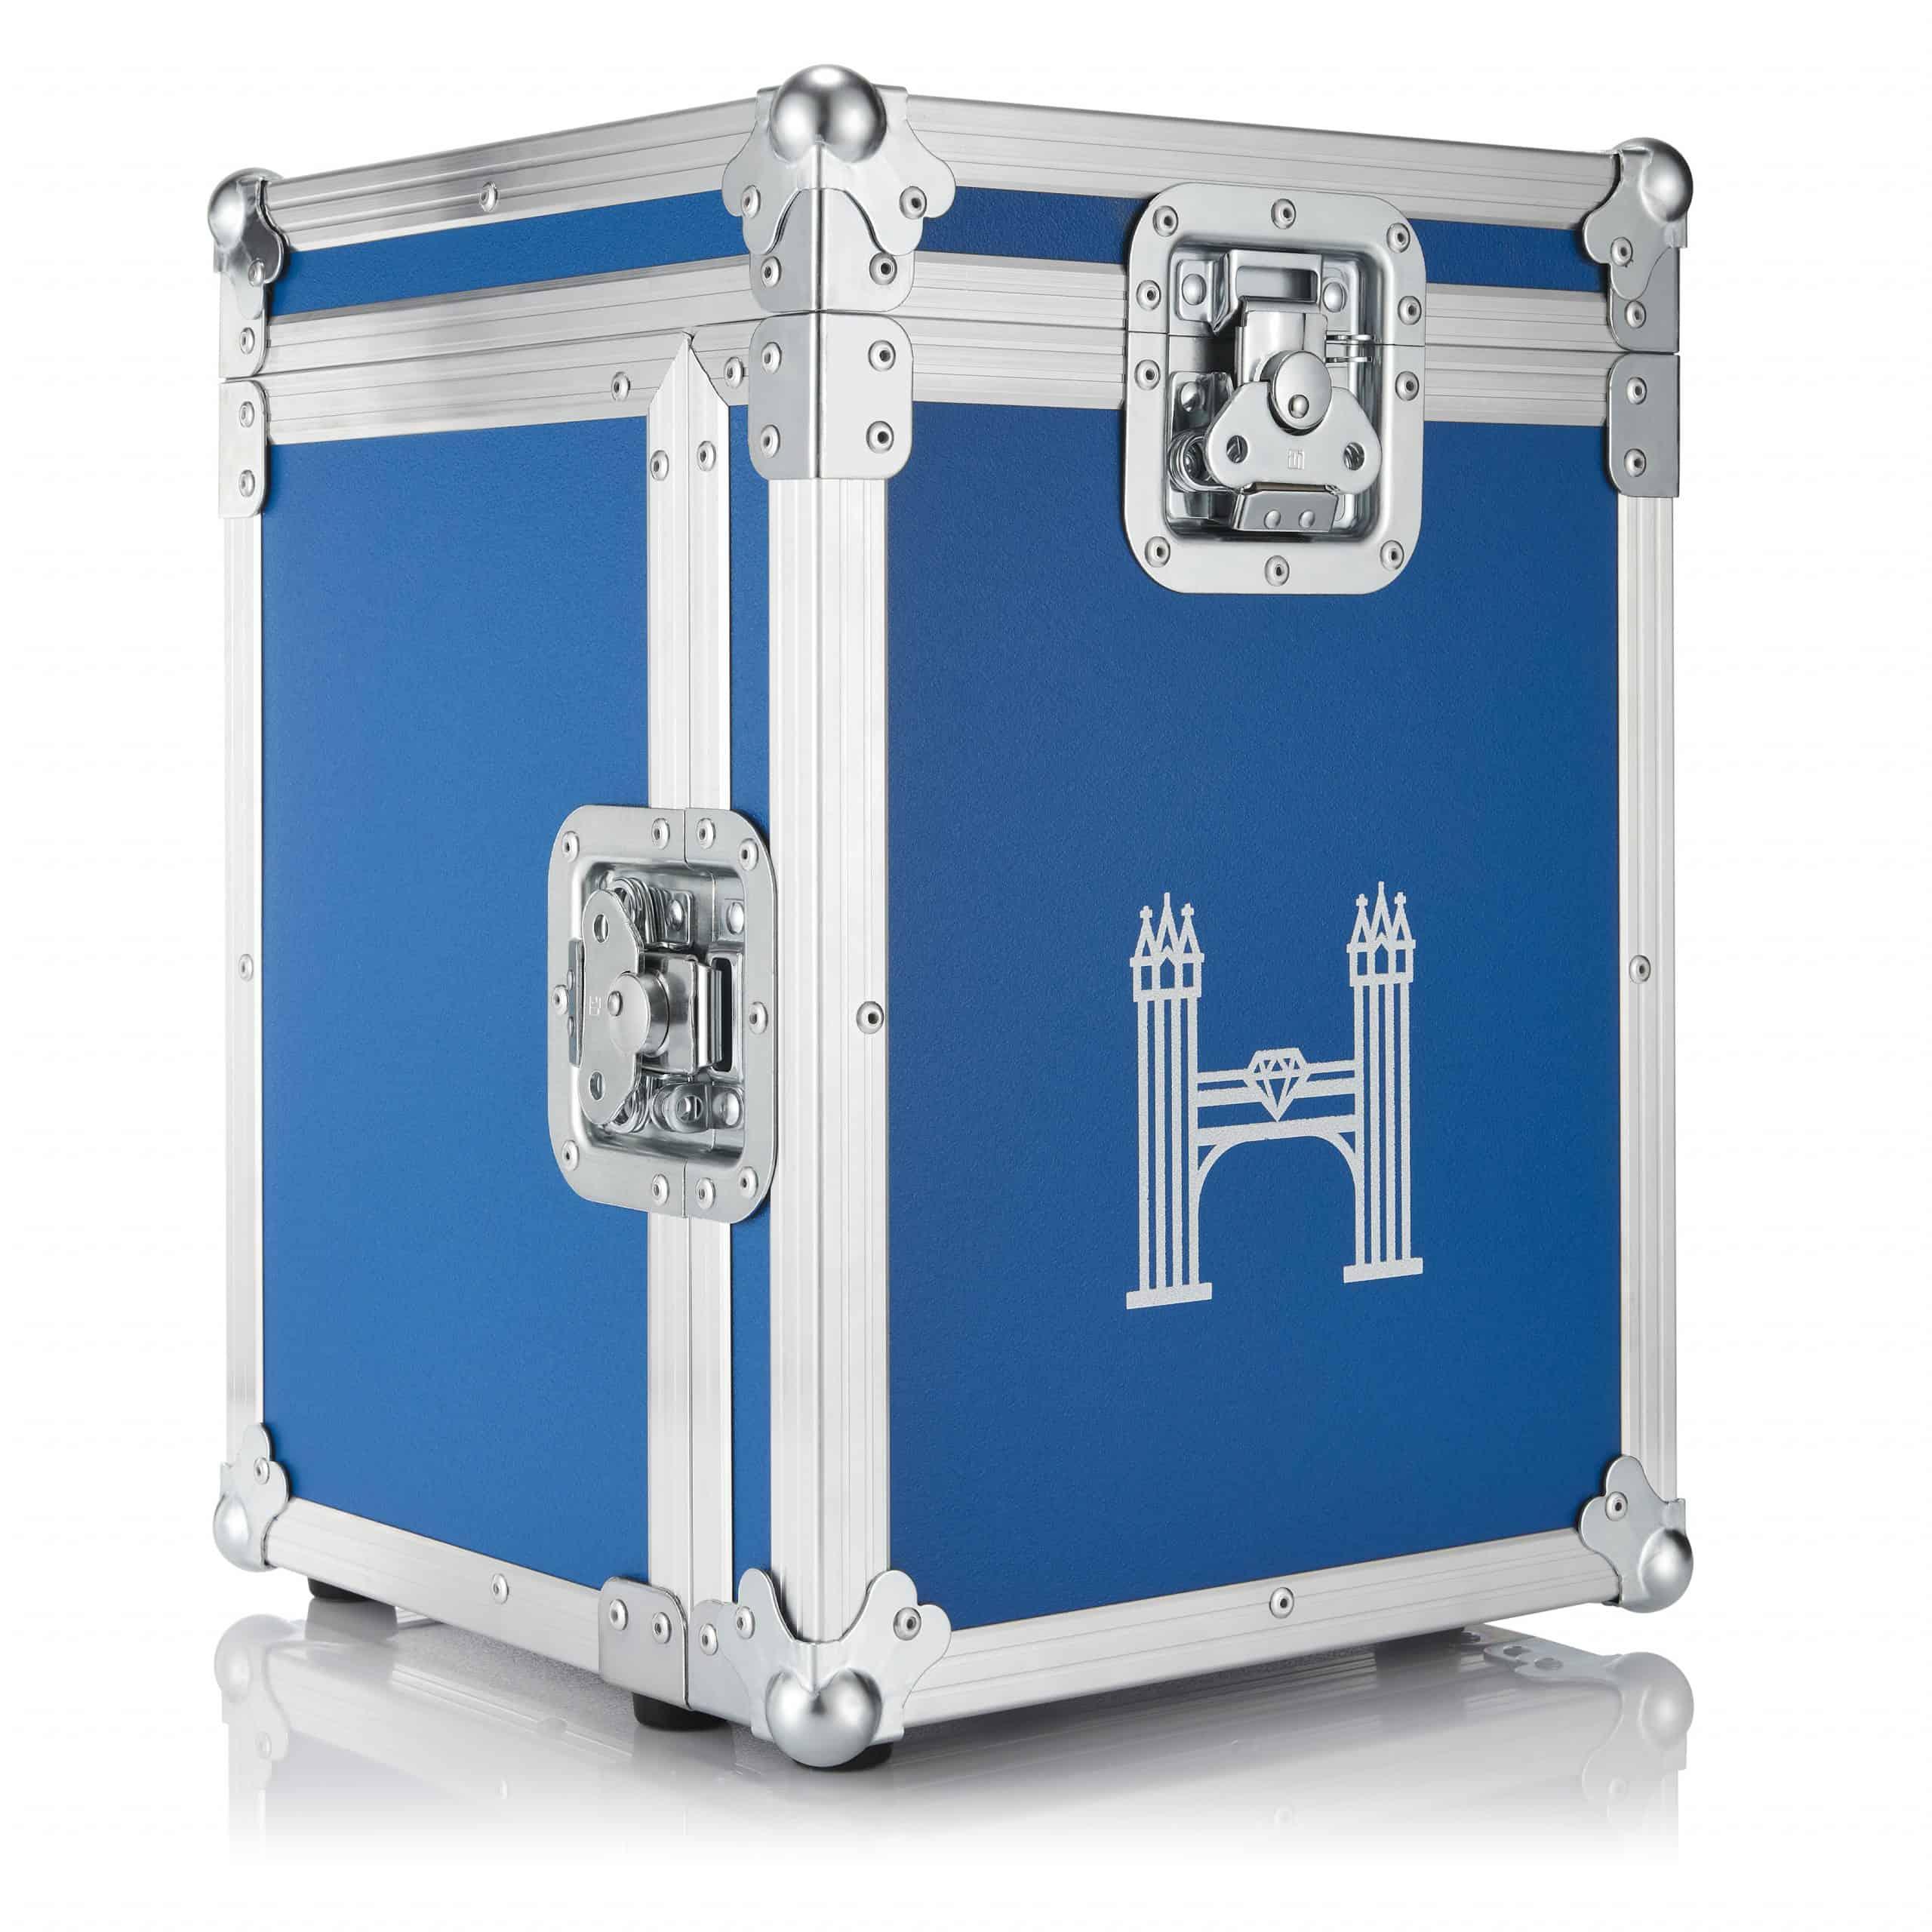 flightcase in the signature Hirsh blue